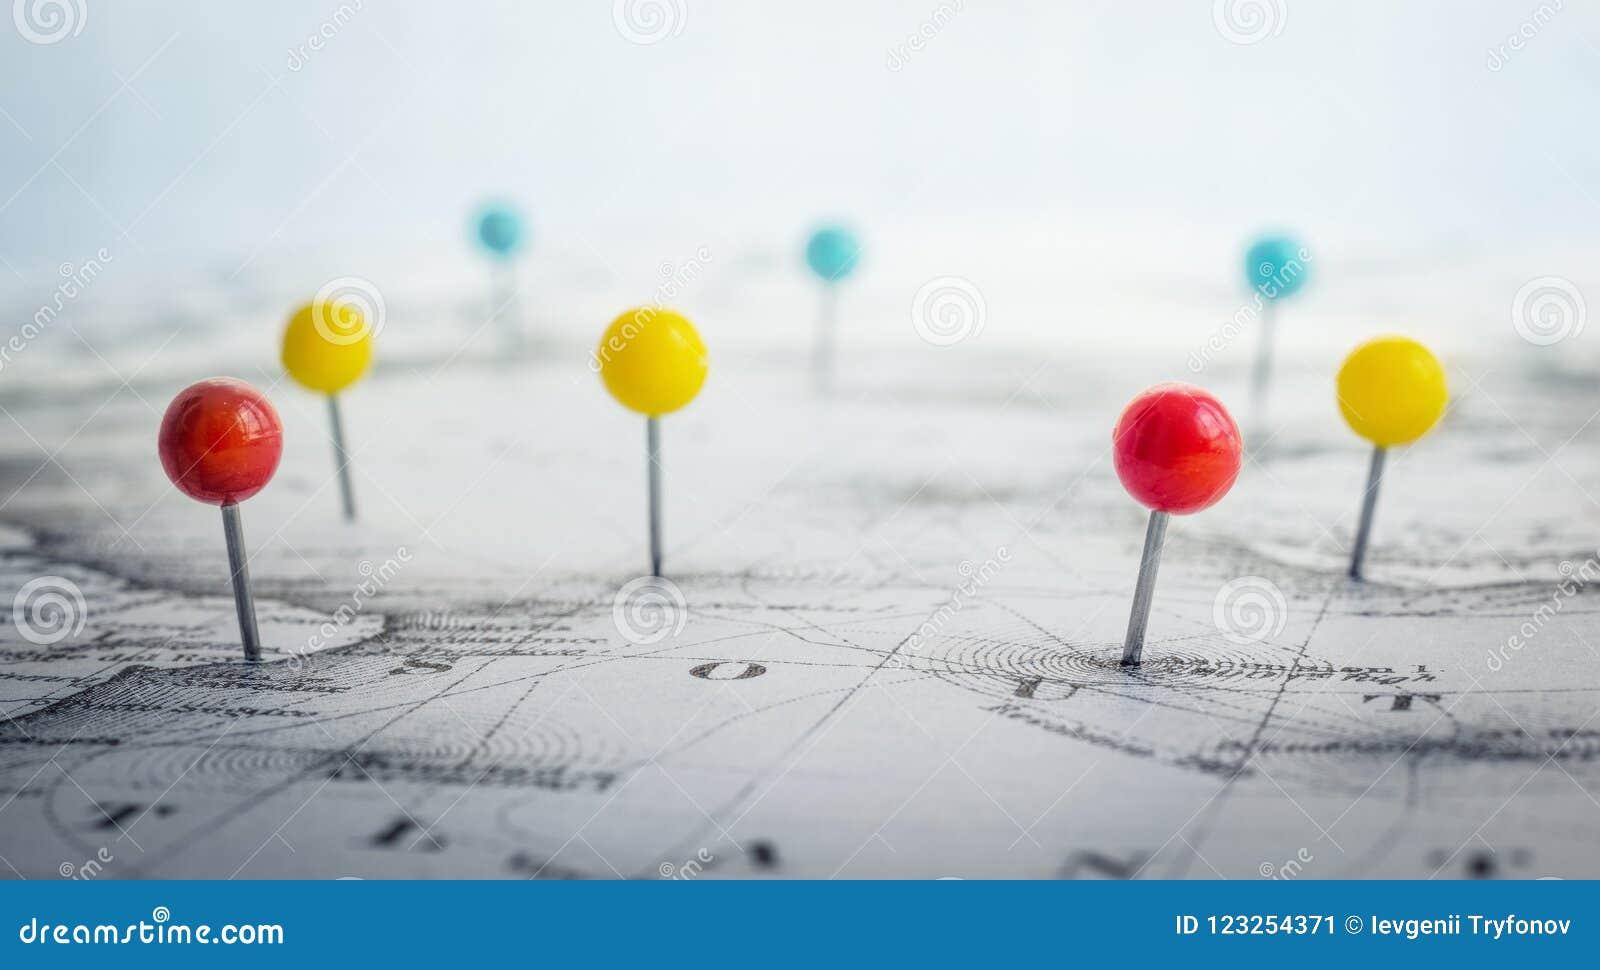 Lugar da marcação do Pin no mapa A aventura, descoberta e viaja